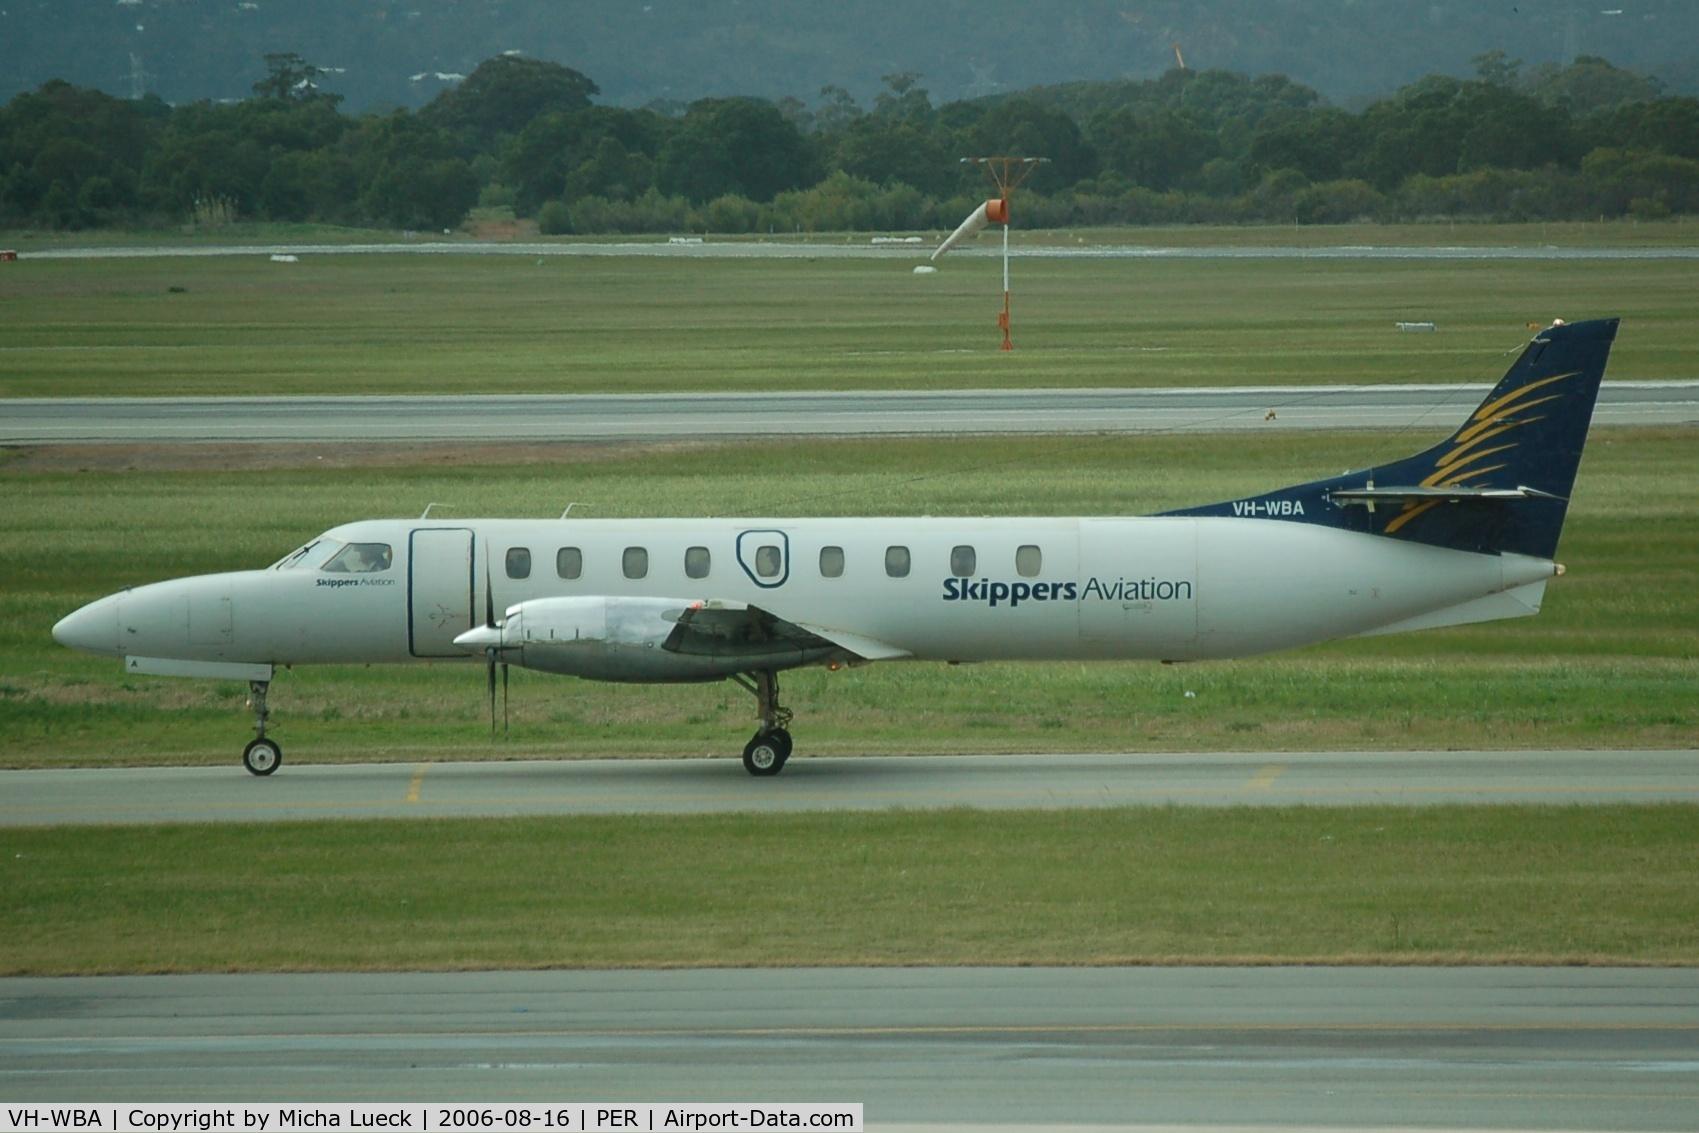 VH-WBA, 1995 Fairchild SA-227DC Metro 23 C/N DC-883B, Just arrived at Perth